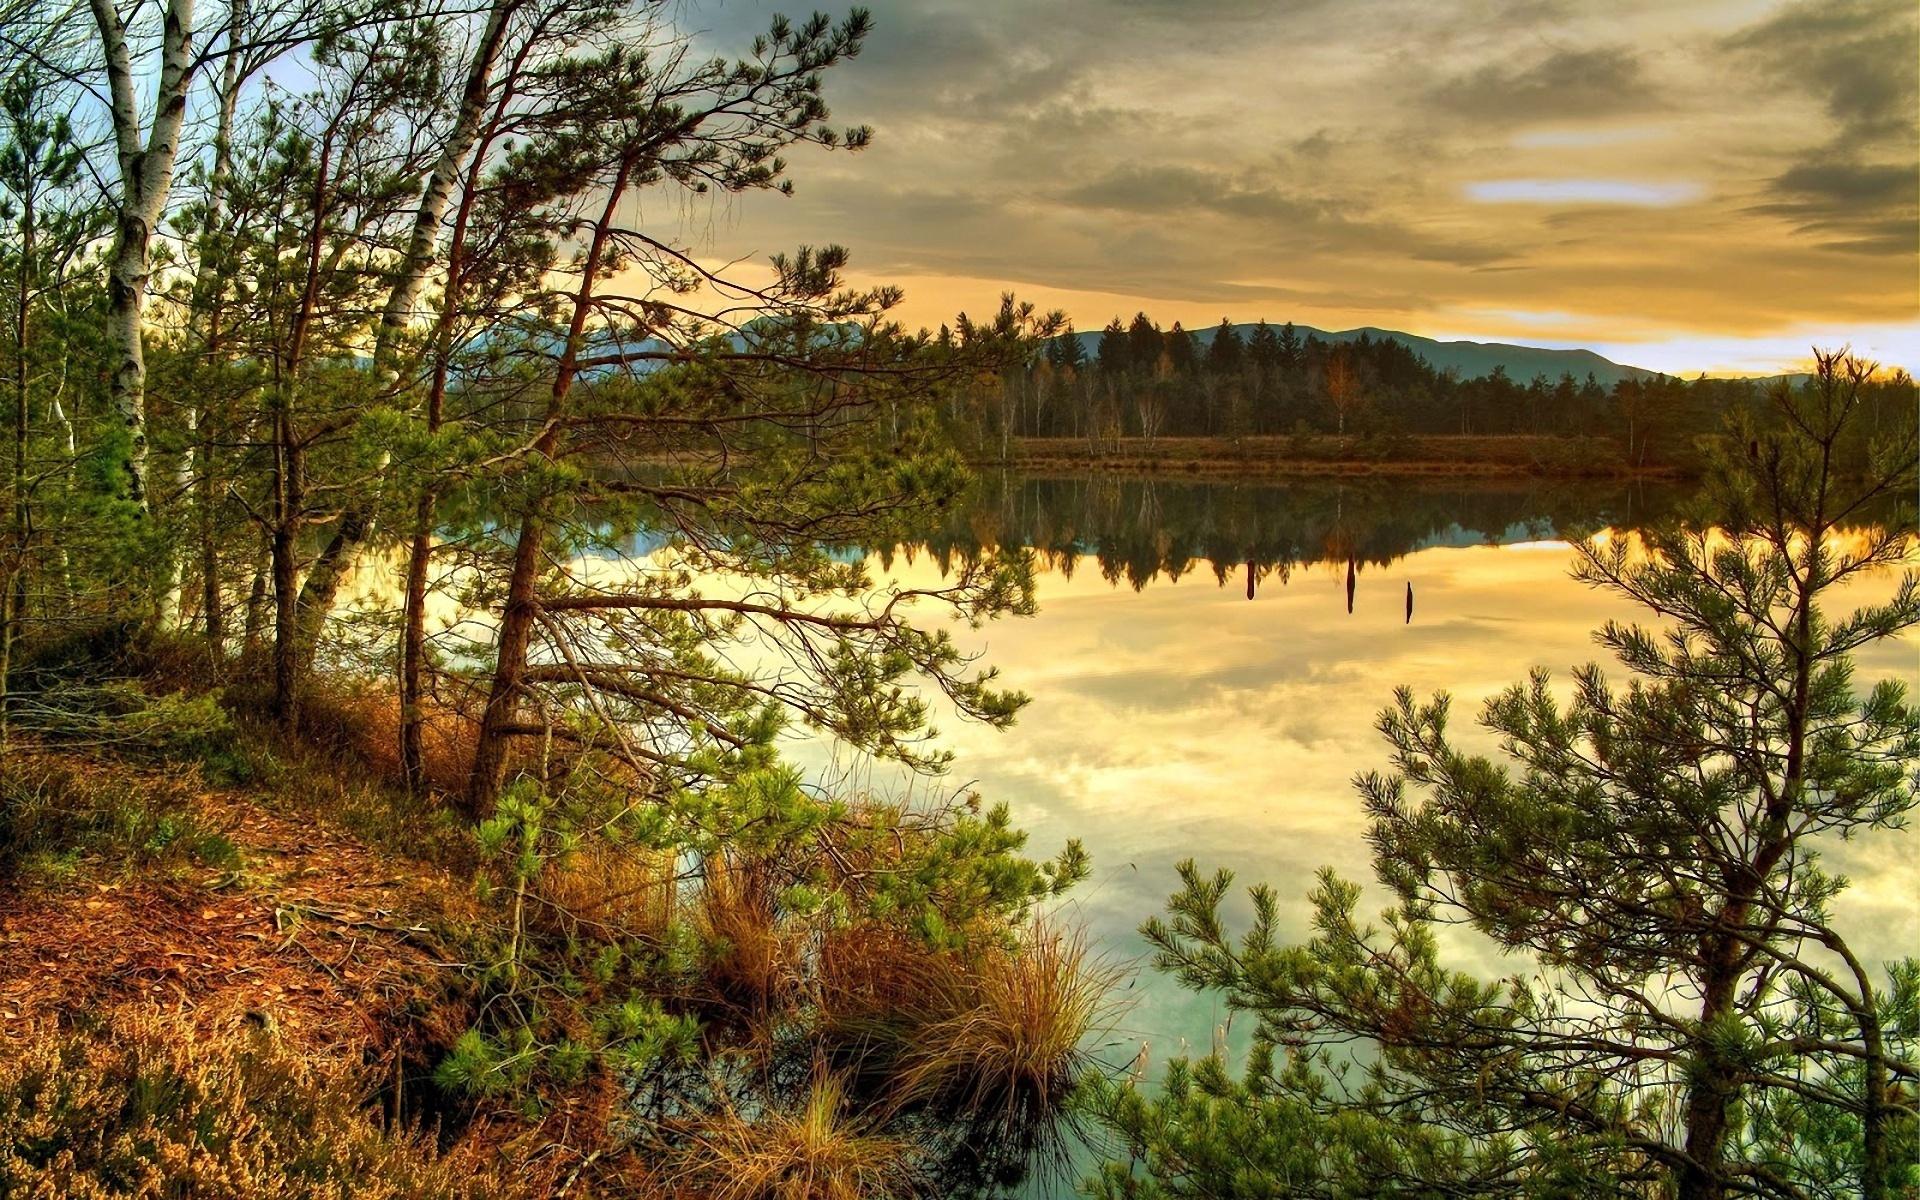 Скачать картинку Закат, Река, Деревья, Пейзаж в телефон бесплатно.